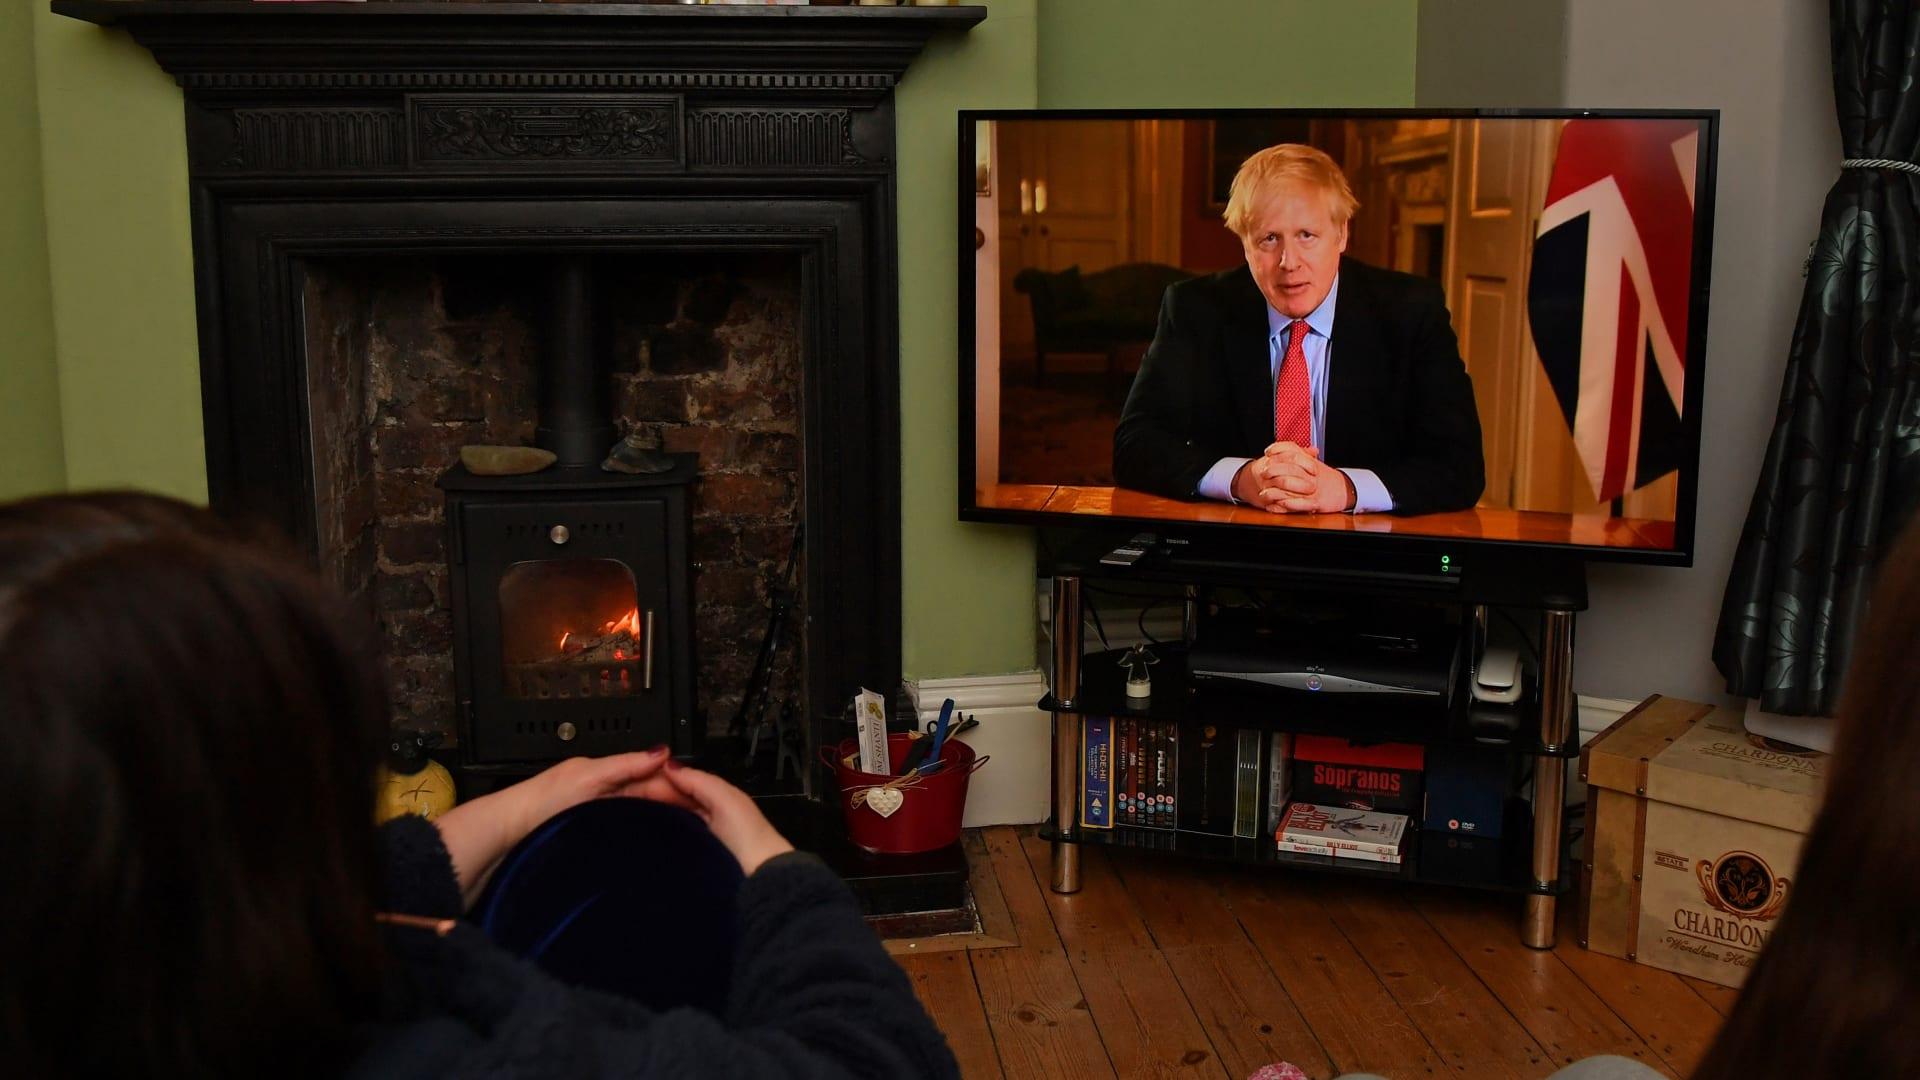 لماذا وقع اختيار بوريس جونسون على دومينيك راب لينوبه في رئاسة وزراء بريطانيا؟